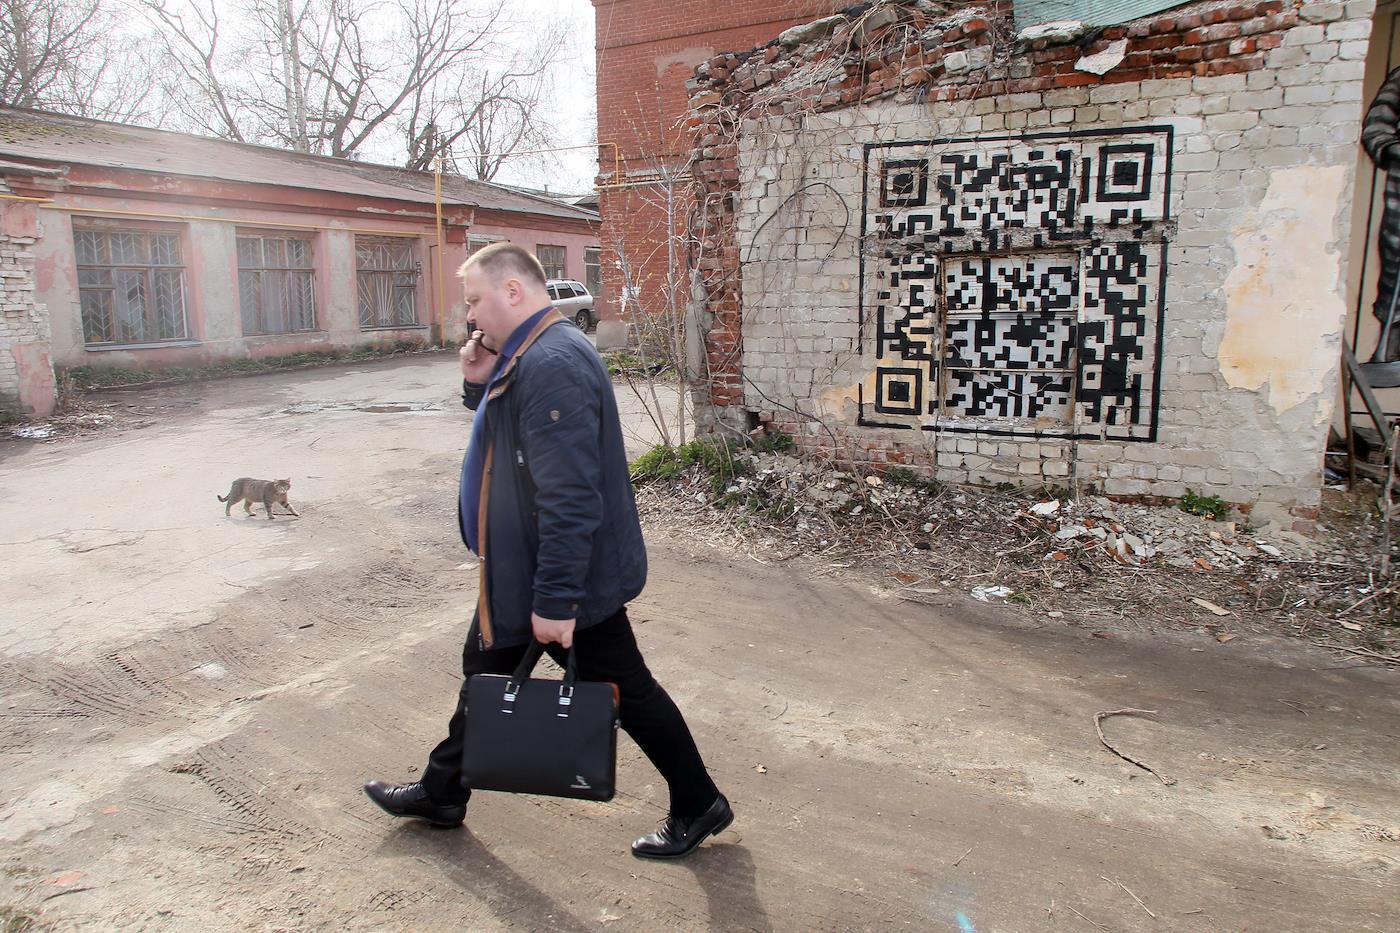 автор фотоРоман Яровицын/«Коммерсантъ»